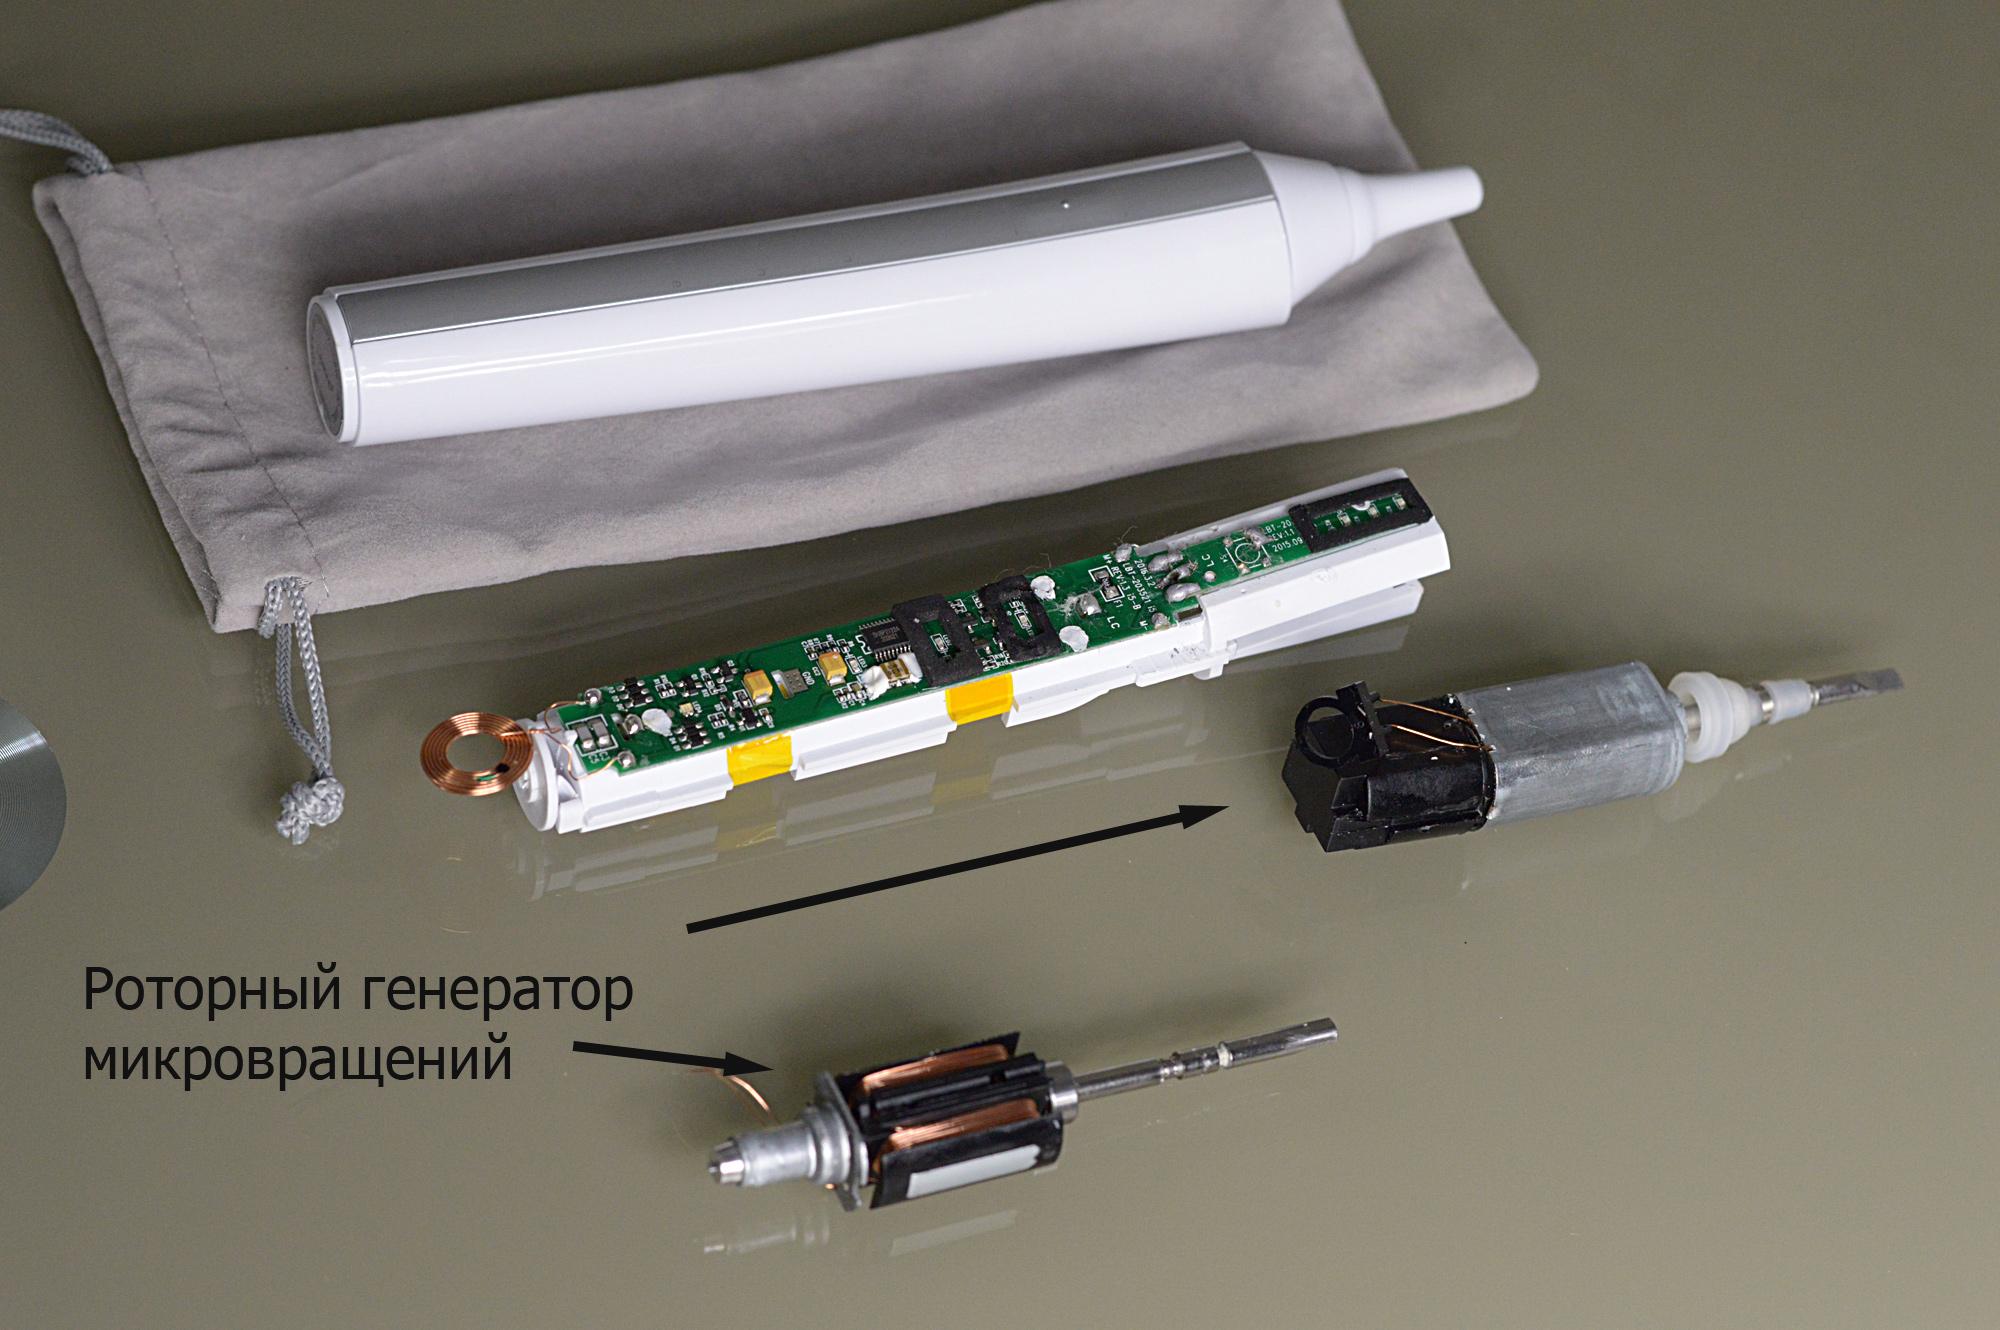 Звуковая зубная щетка Lebond I5 в разобранном виде